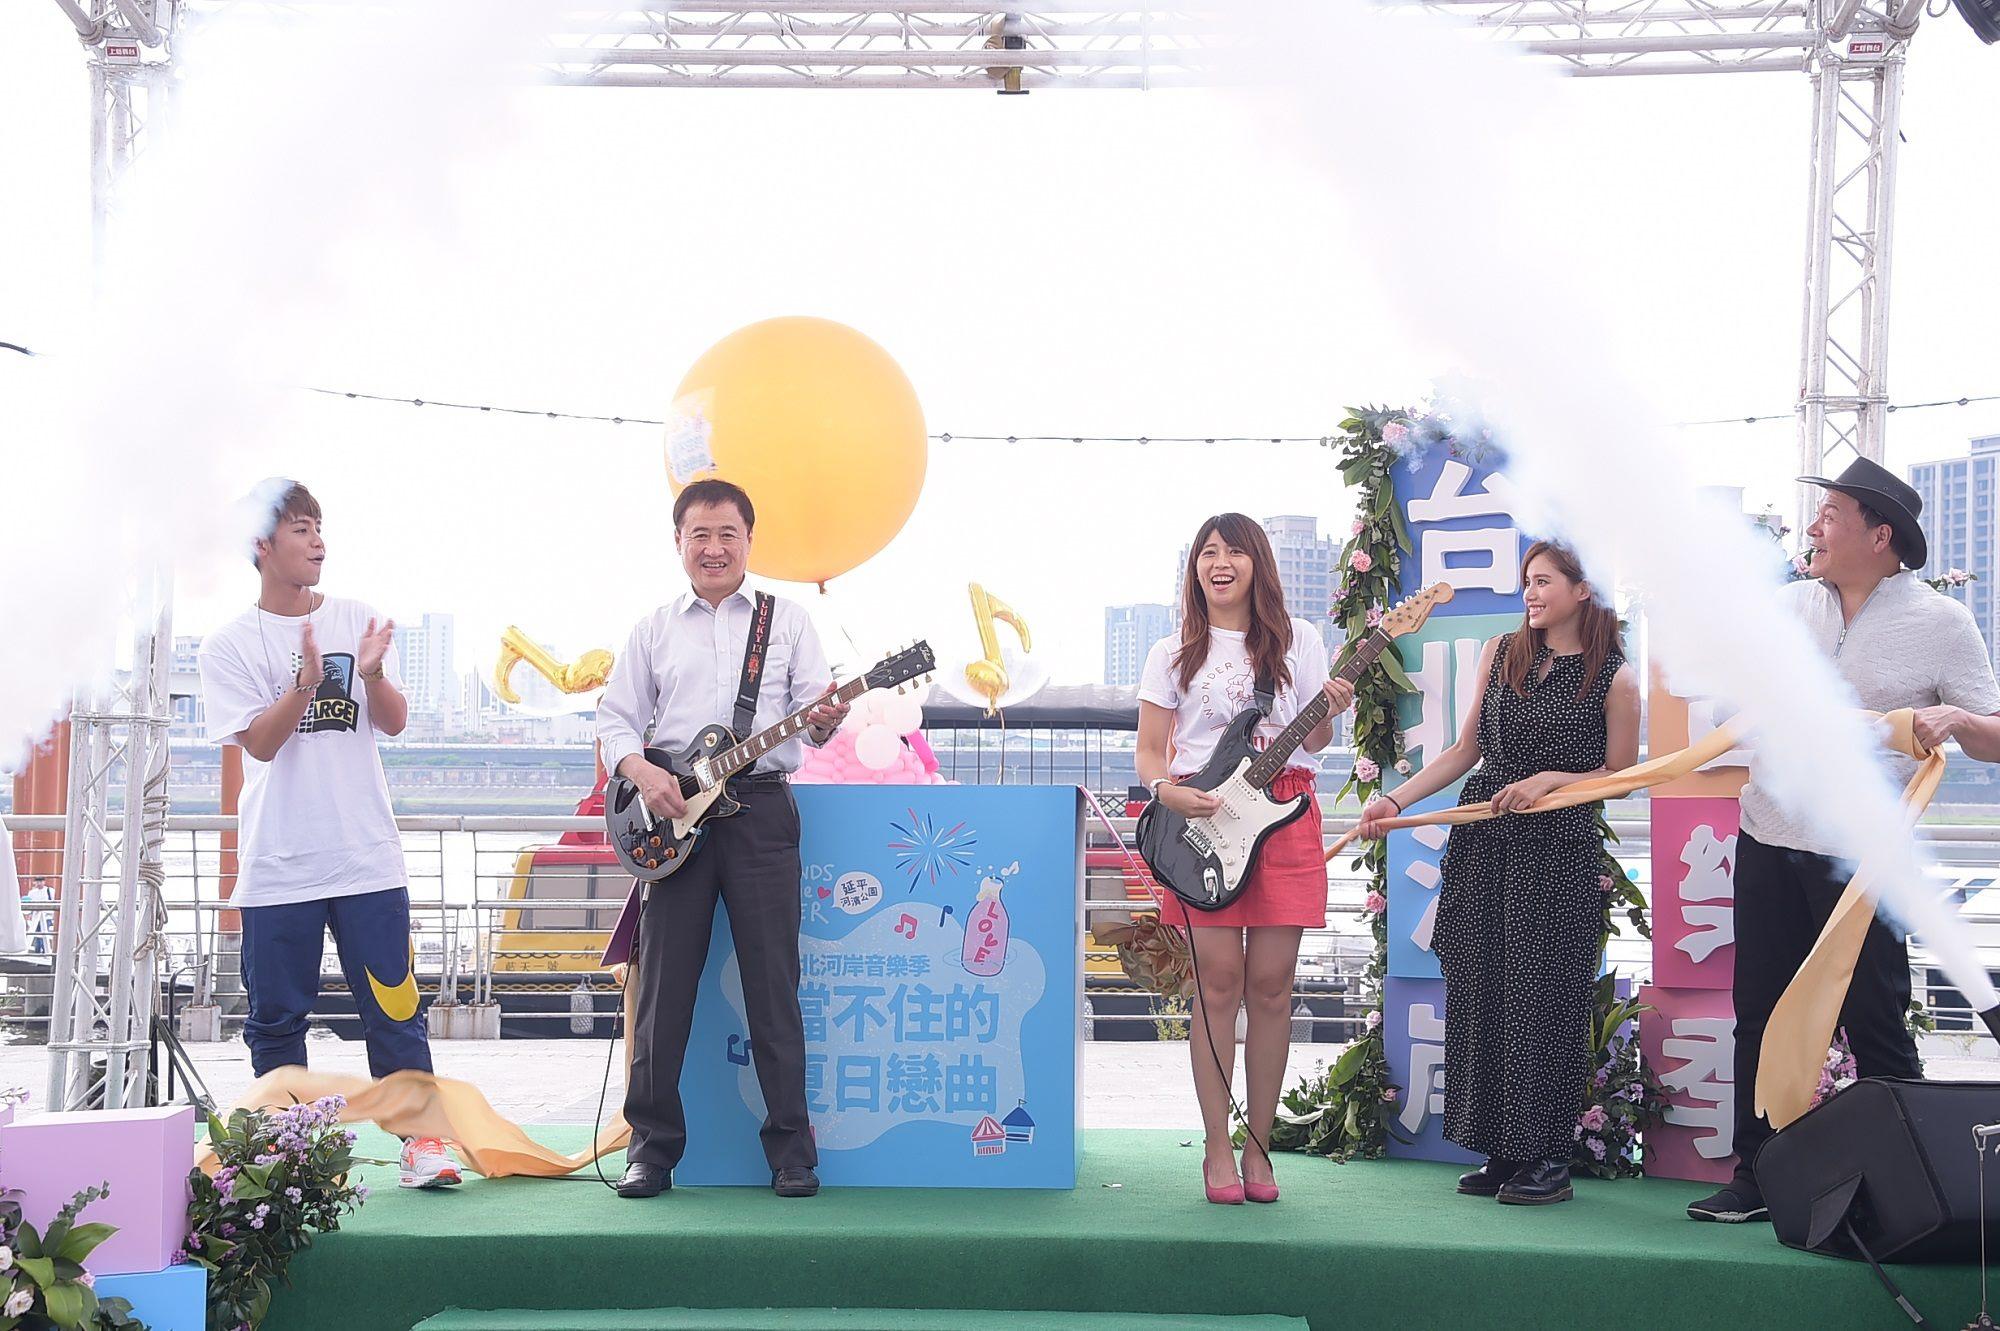 陳景峻副市長(左二)與陳思宇局長一起刷下吉他,拉開河岸活動序幕。